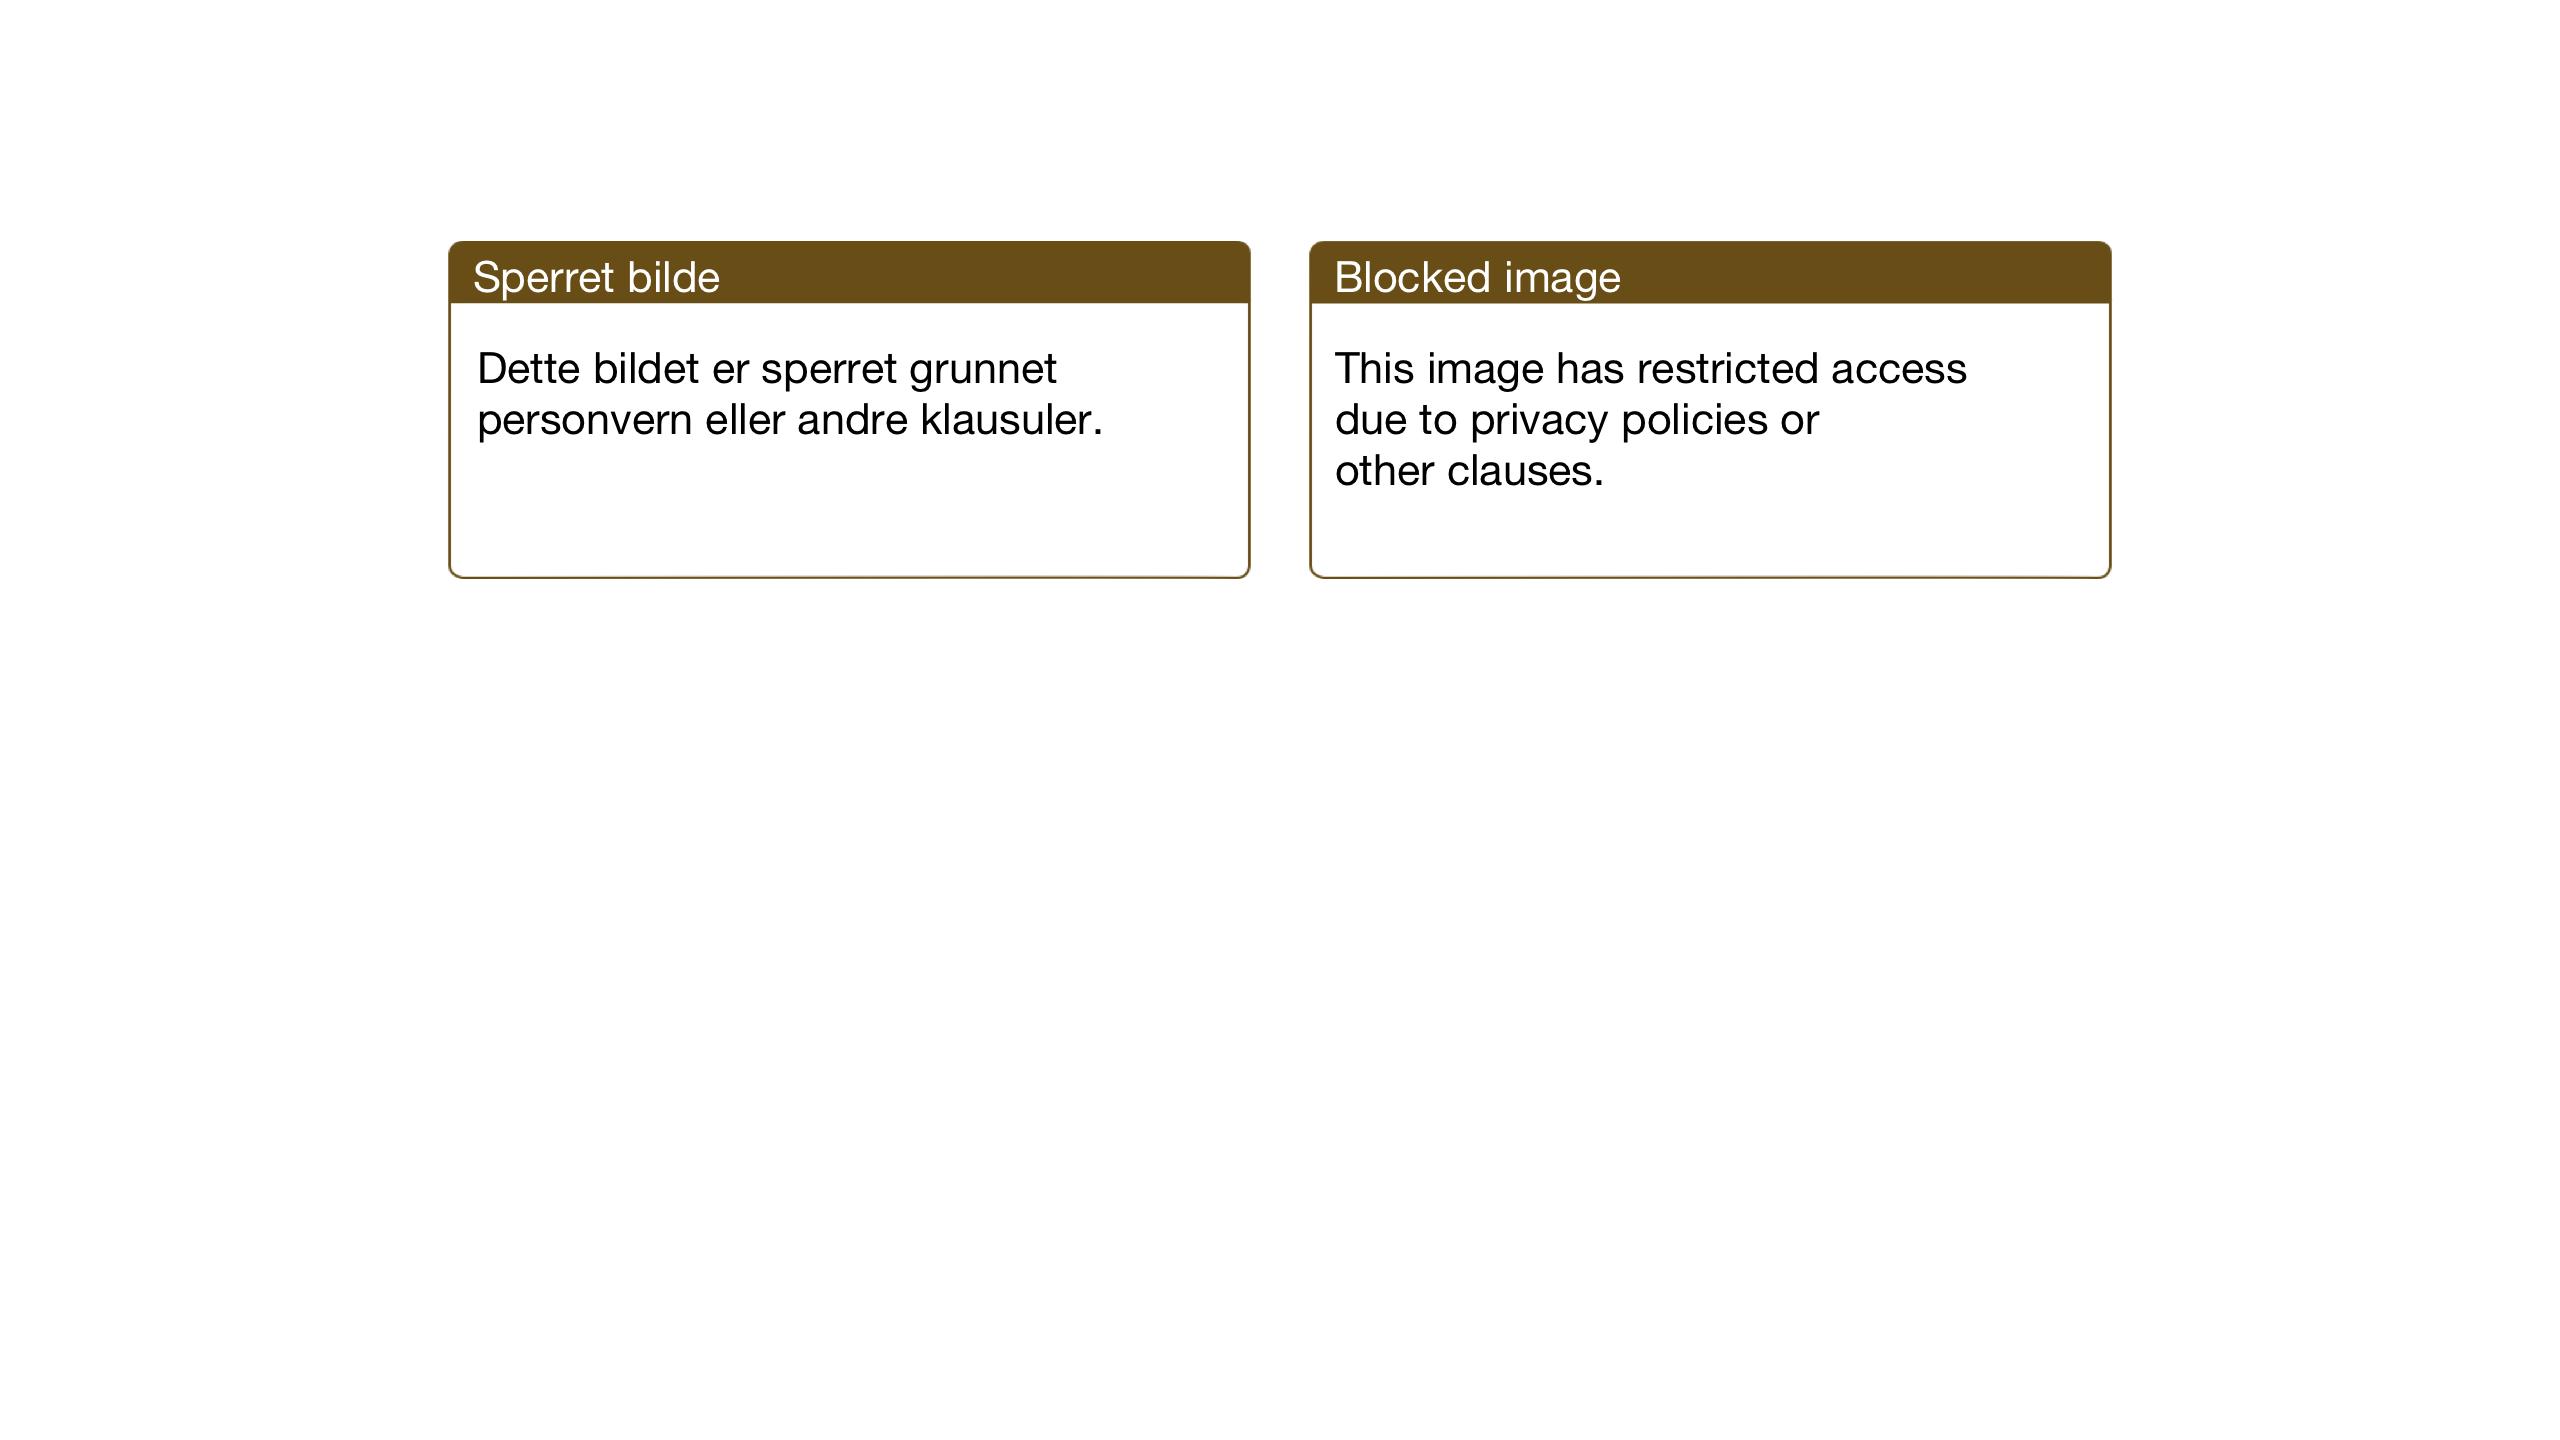 SAT, Ministerialprotokoller, klokkerbøker og fødselsregistre - Sør-Trøndelag, 606/L0314: Klokkerbok nr. 606C10, 1911-1937, s. 106